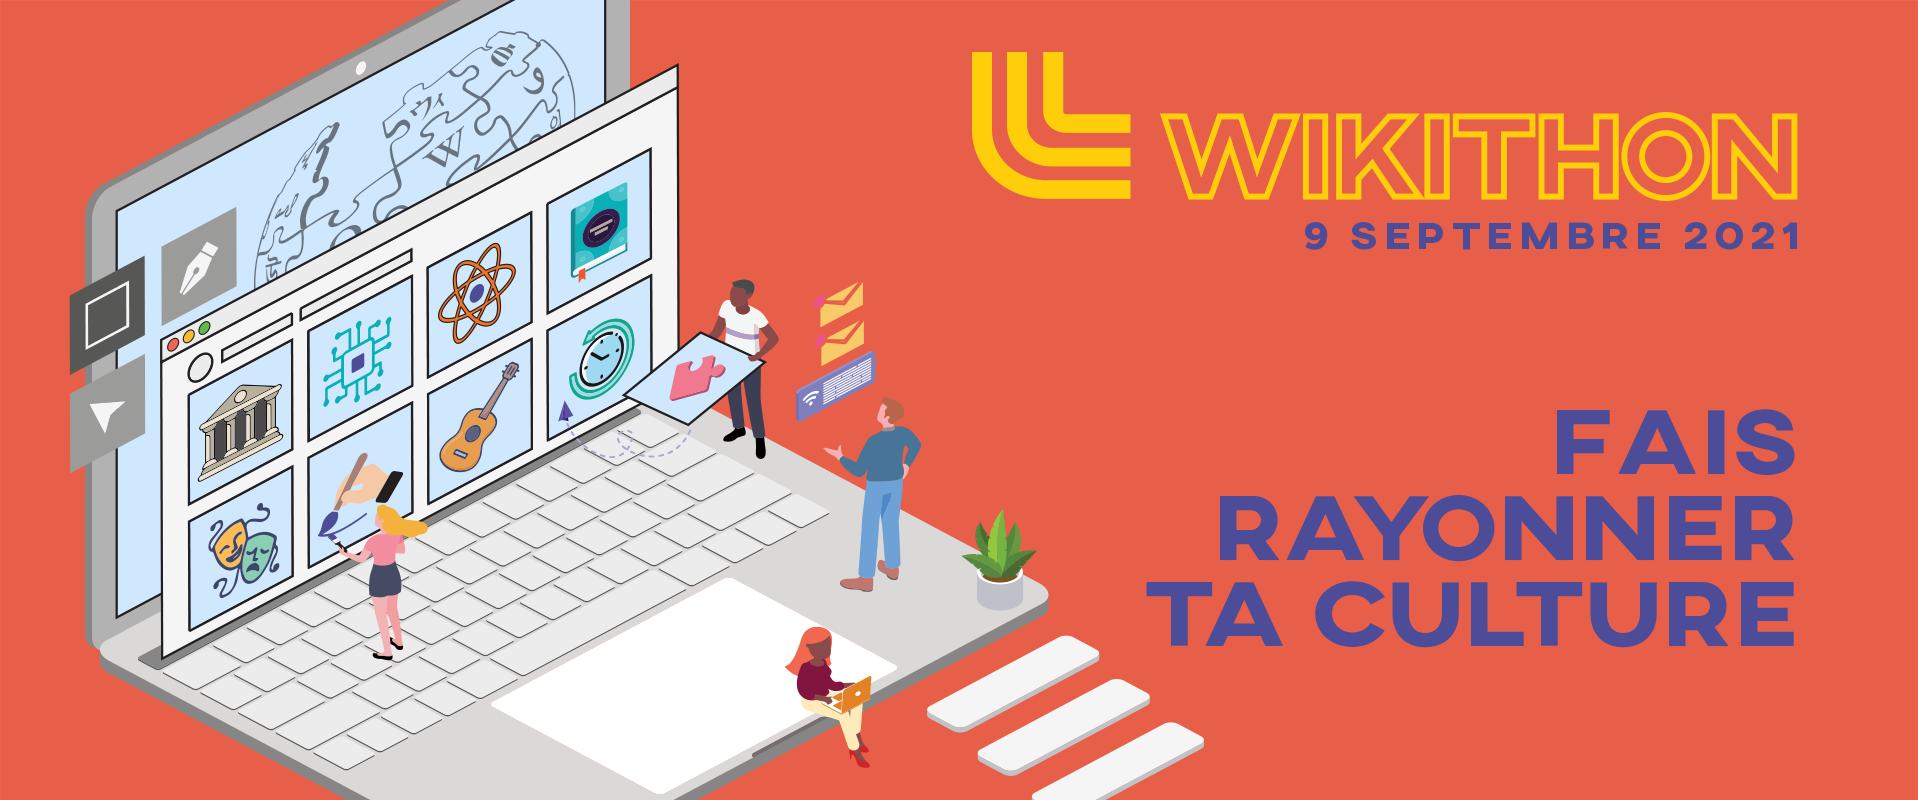 Wikithon